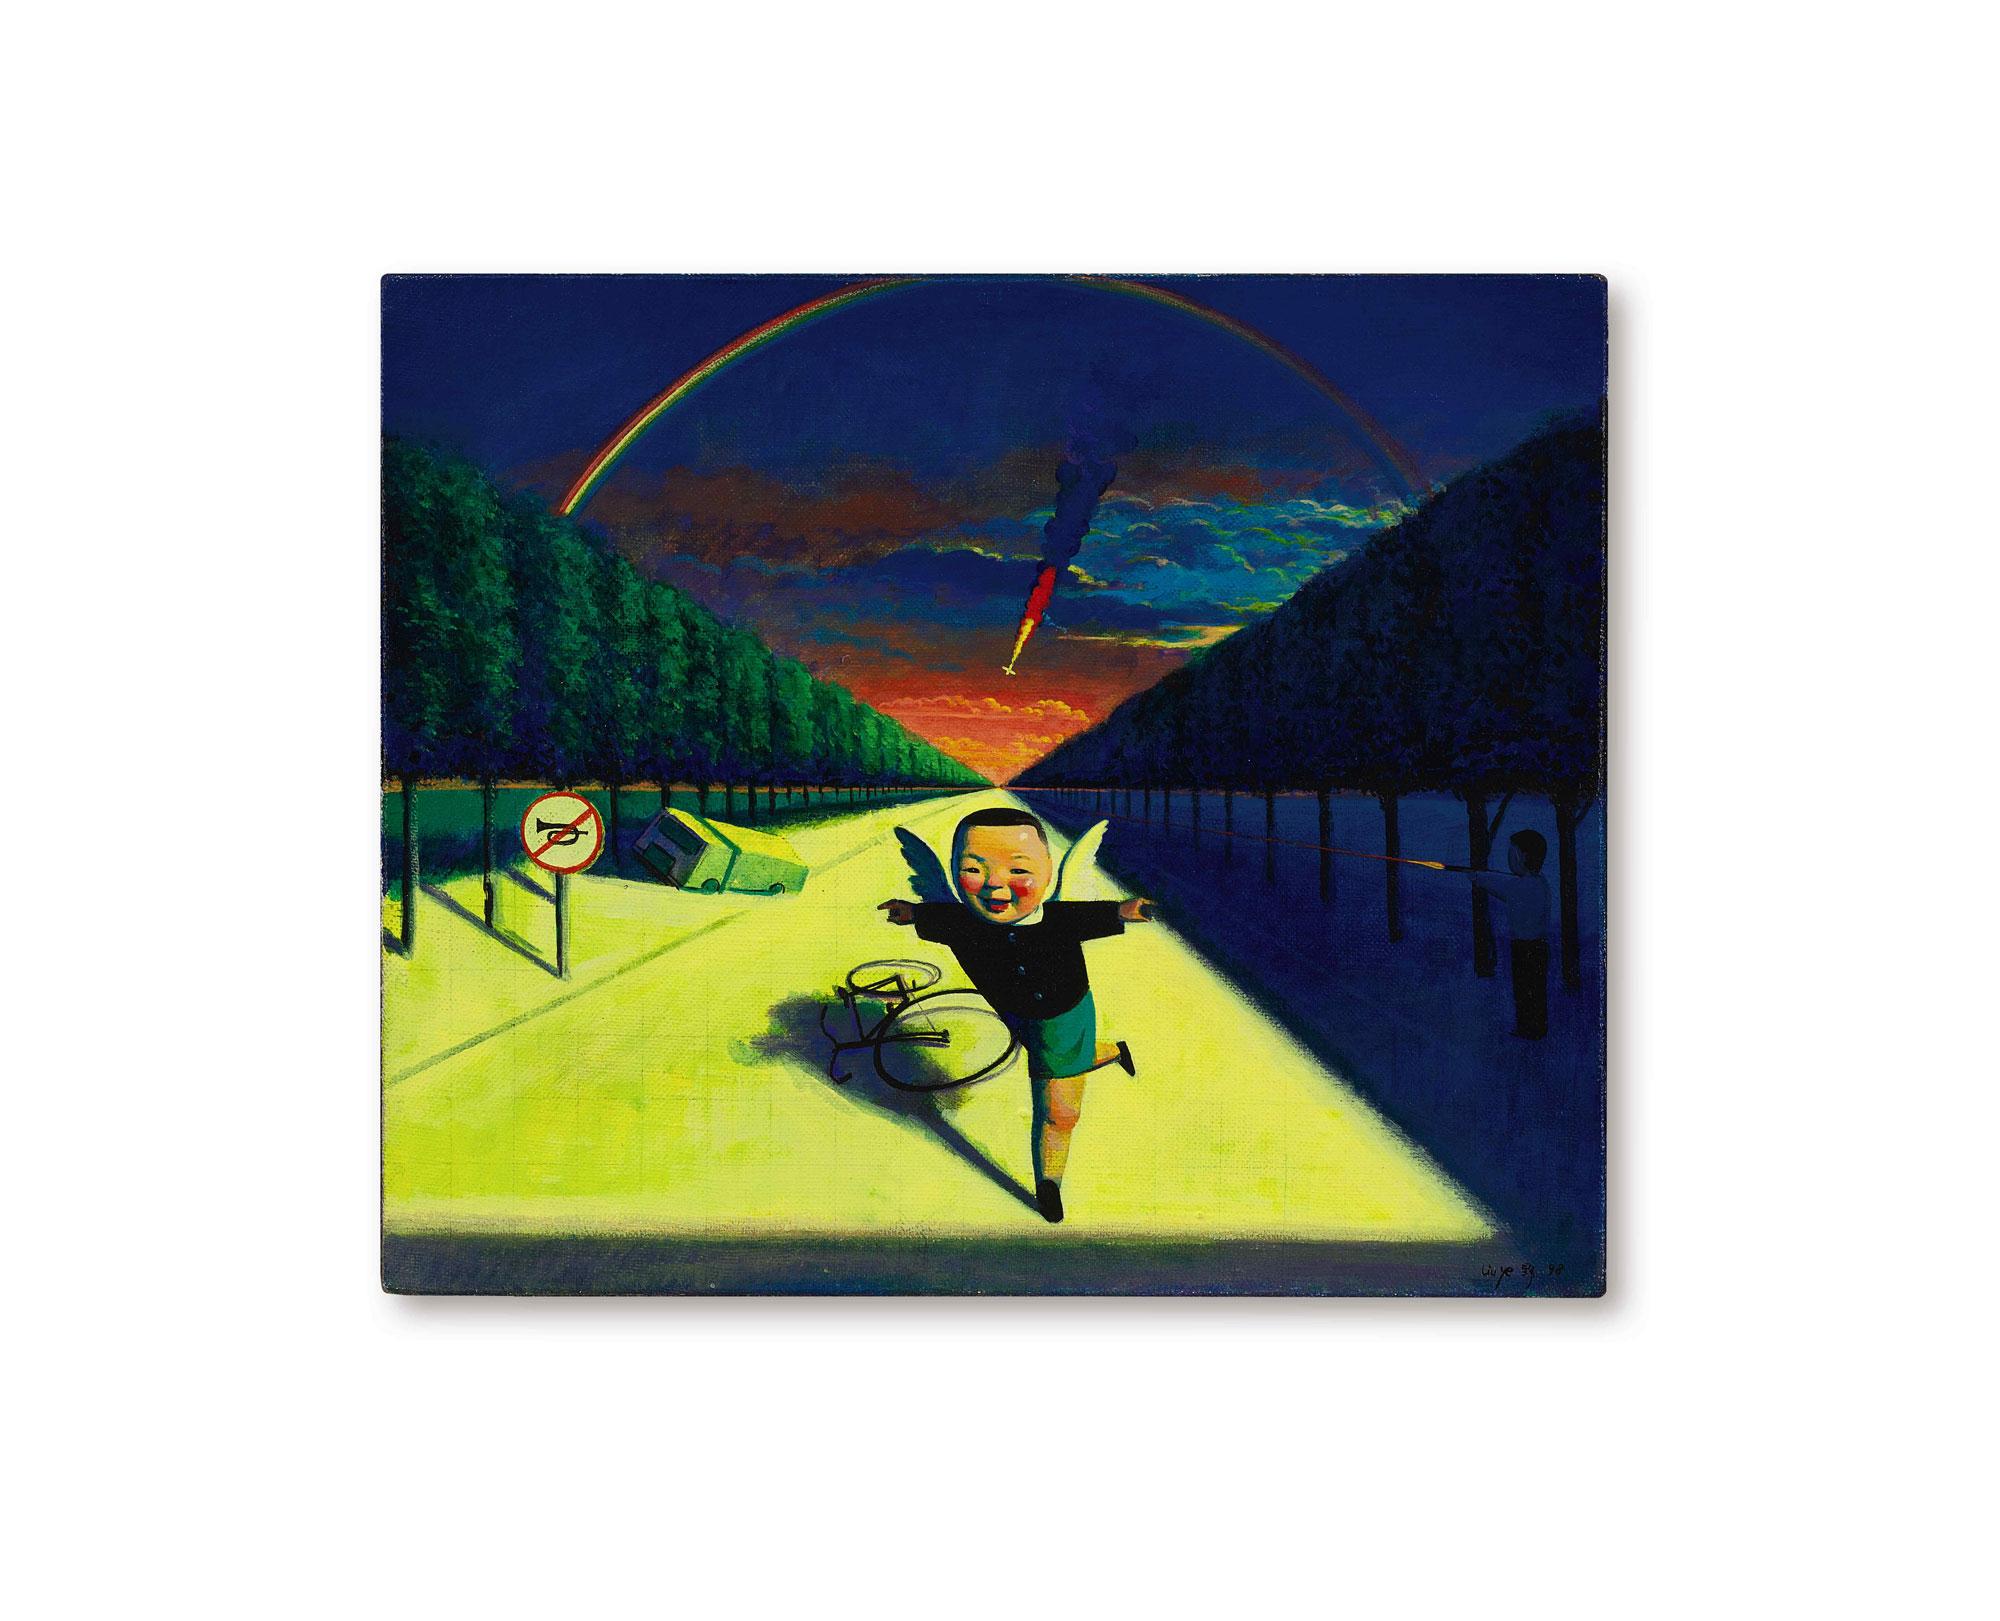 劉野 《喜悅》 1998年作,壓克力畫布 38 x 45.5 公分